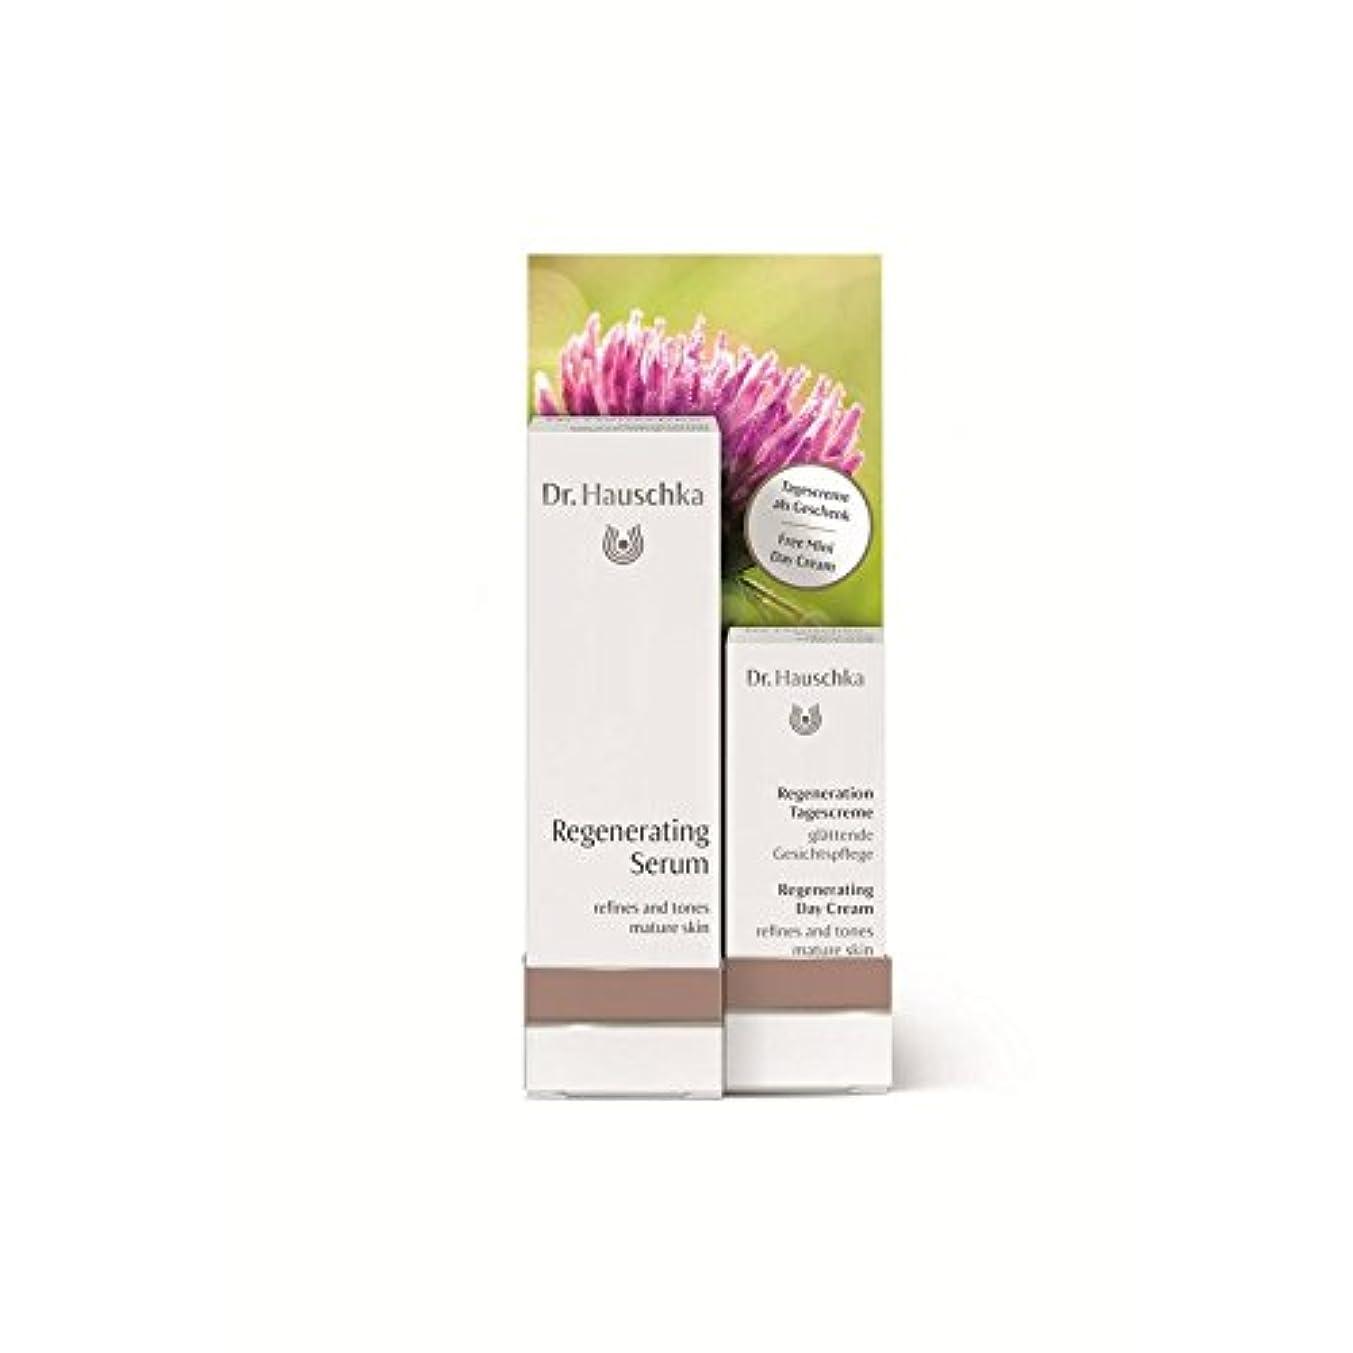 禁止導出どうしたの無料の再生デイクリーム5ミリリットルで血清を再生ハウシュカ x4 - Dr. Hauschka Regenerating Serum with a Free Regenerating Day Cream 5ml (Pack...